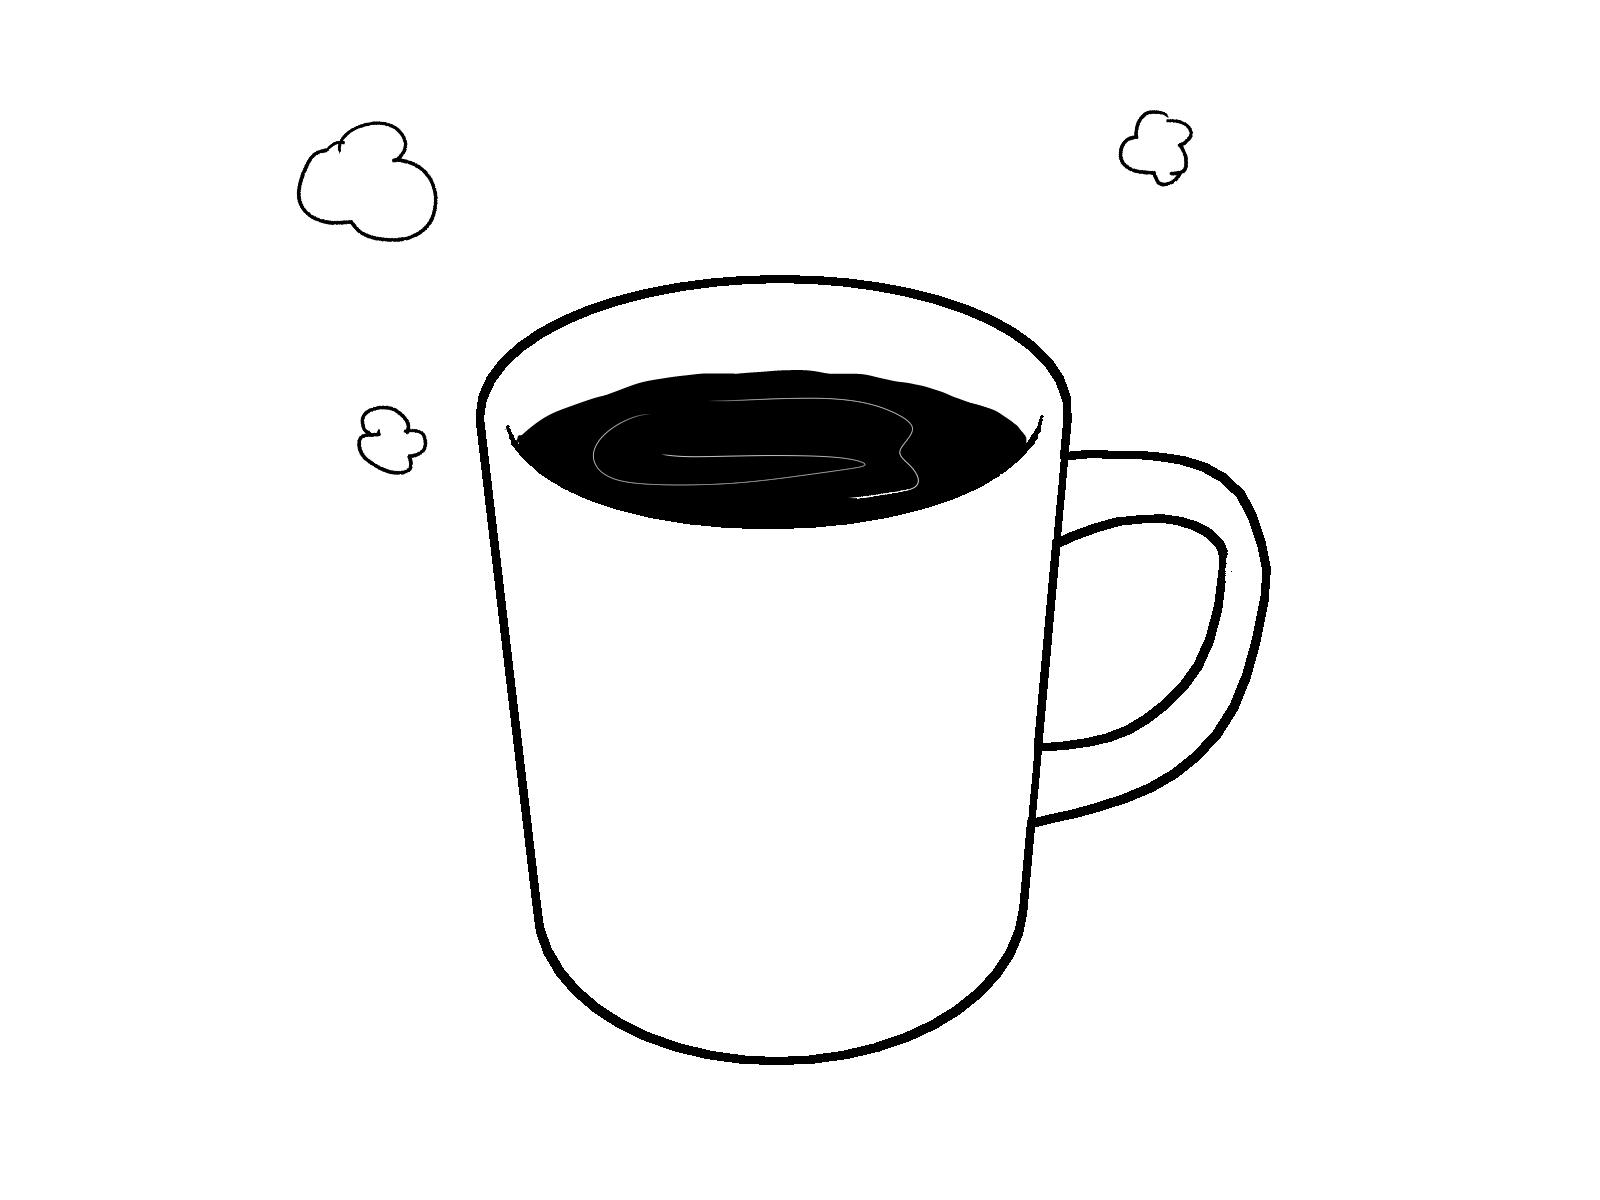 カフェイン入ってる飲み物は水分補給にならないらしいけどさ